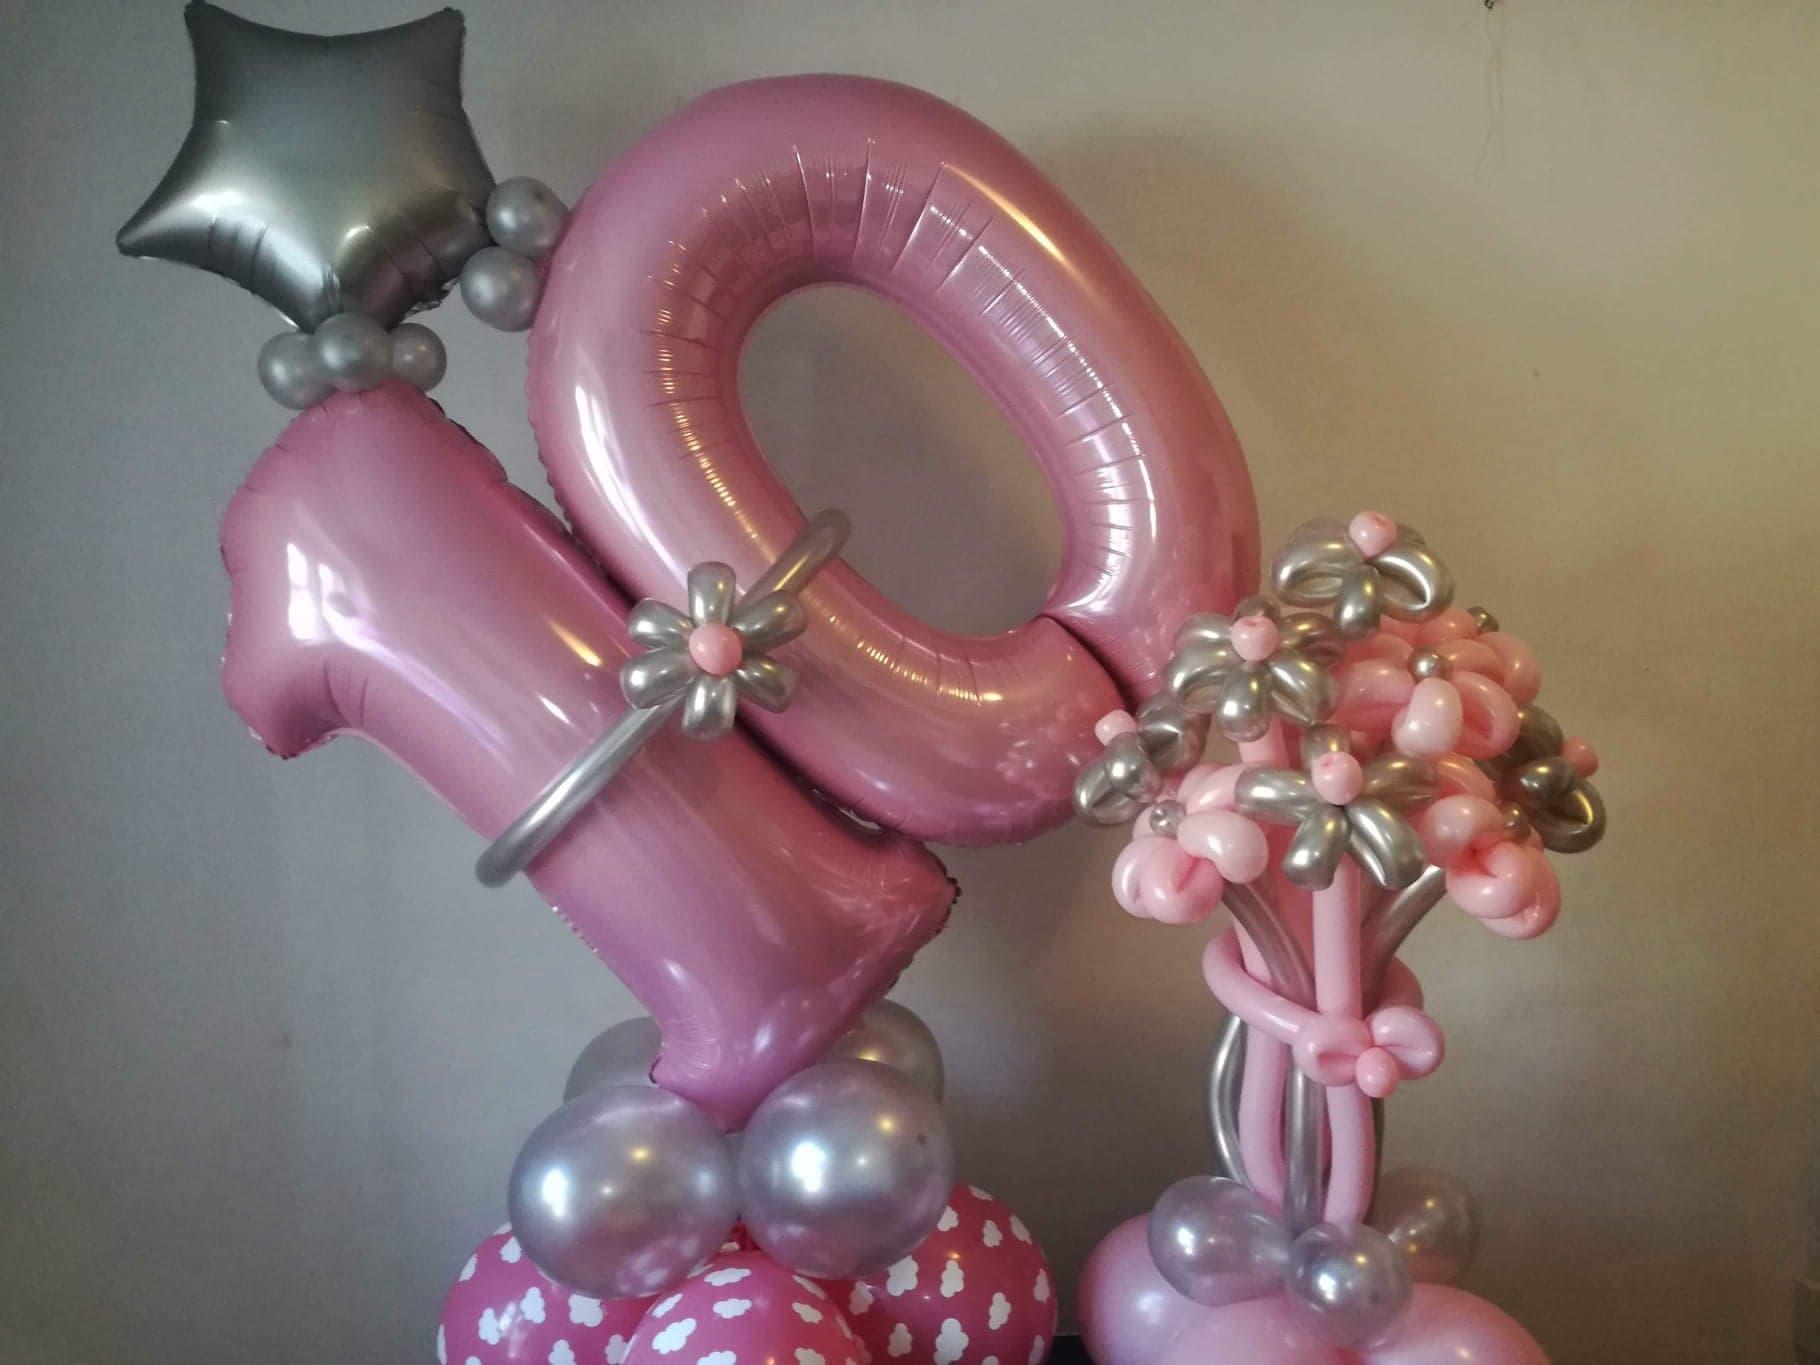 Balony cyfry kompozycja dla dziecka różowe i balonowy bukiet kwiatów.